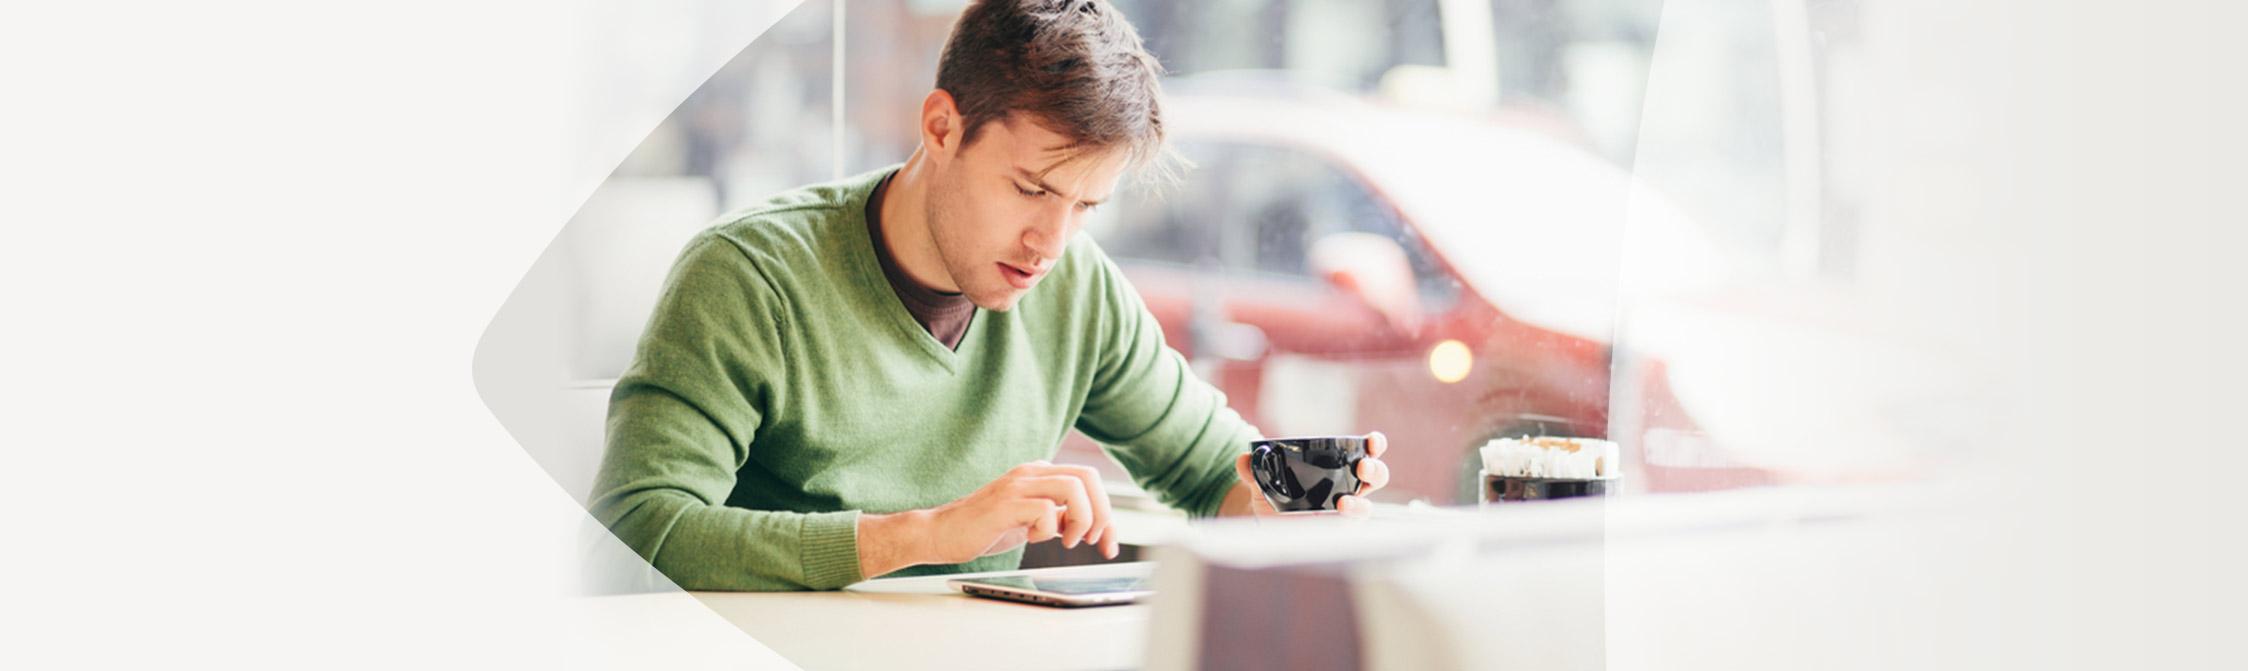 Mann sitzt im Café und informiert sich im Internet